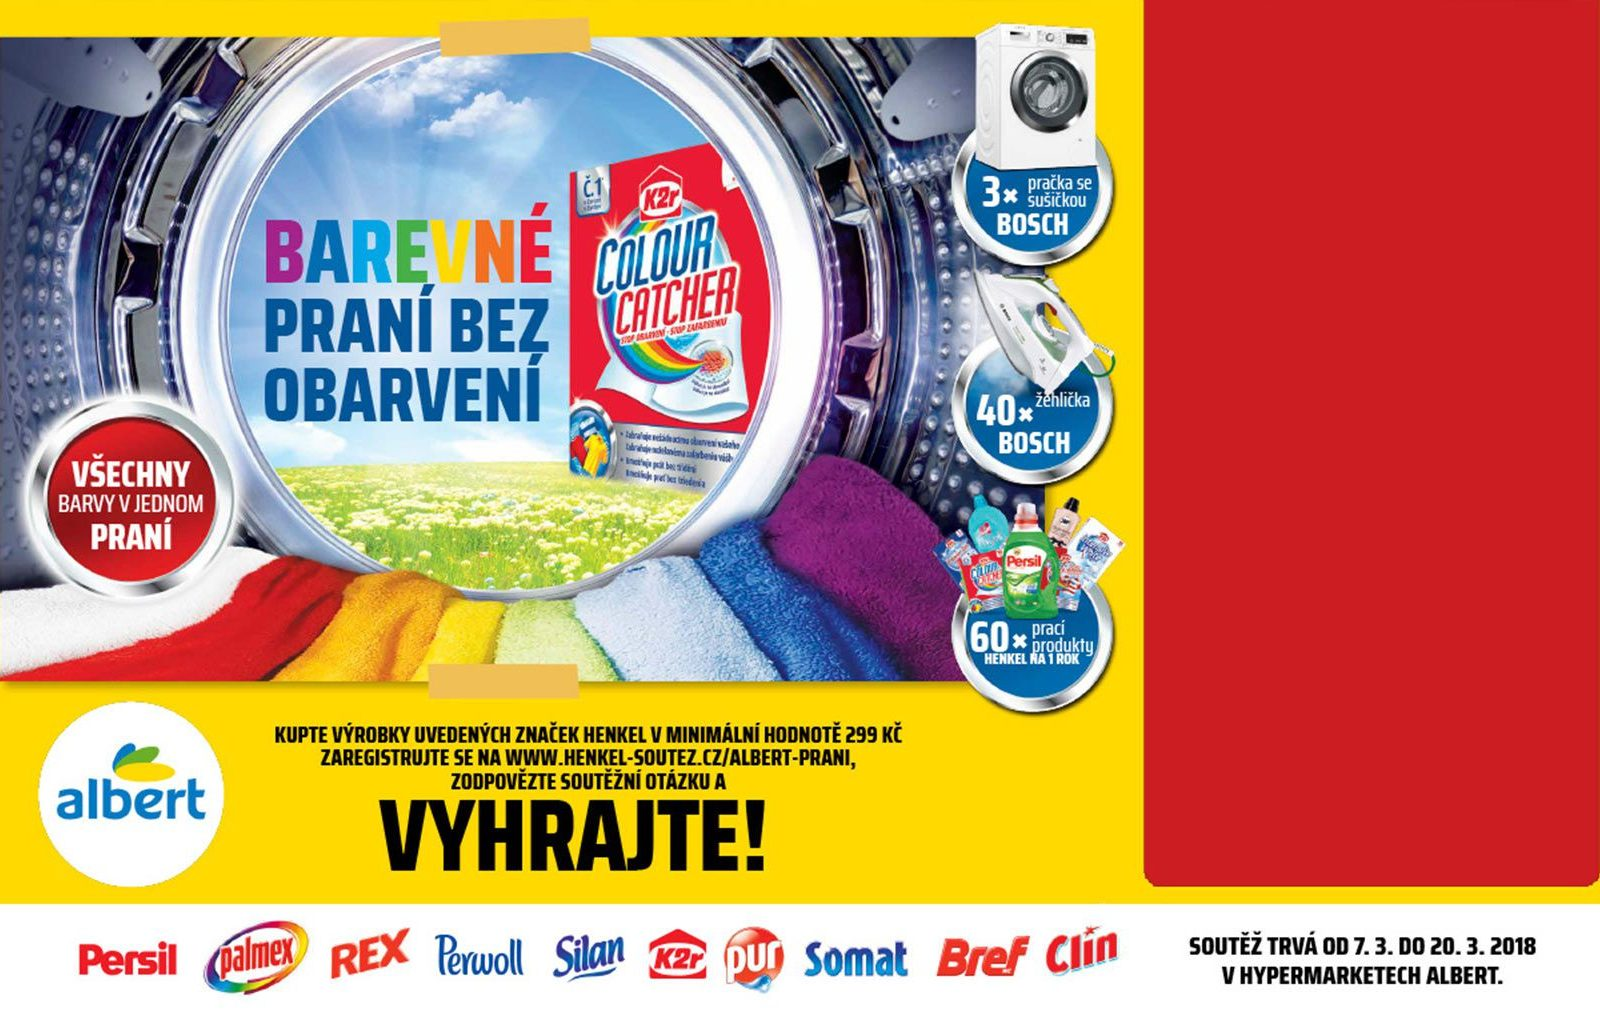 Soutez Albert Color Catcher 2018 banner